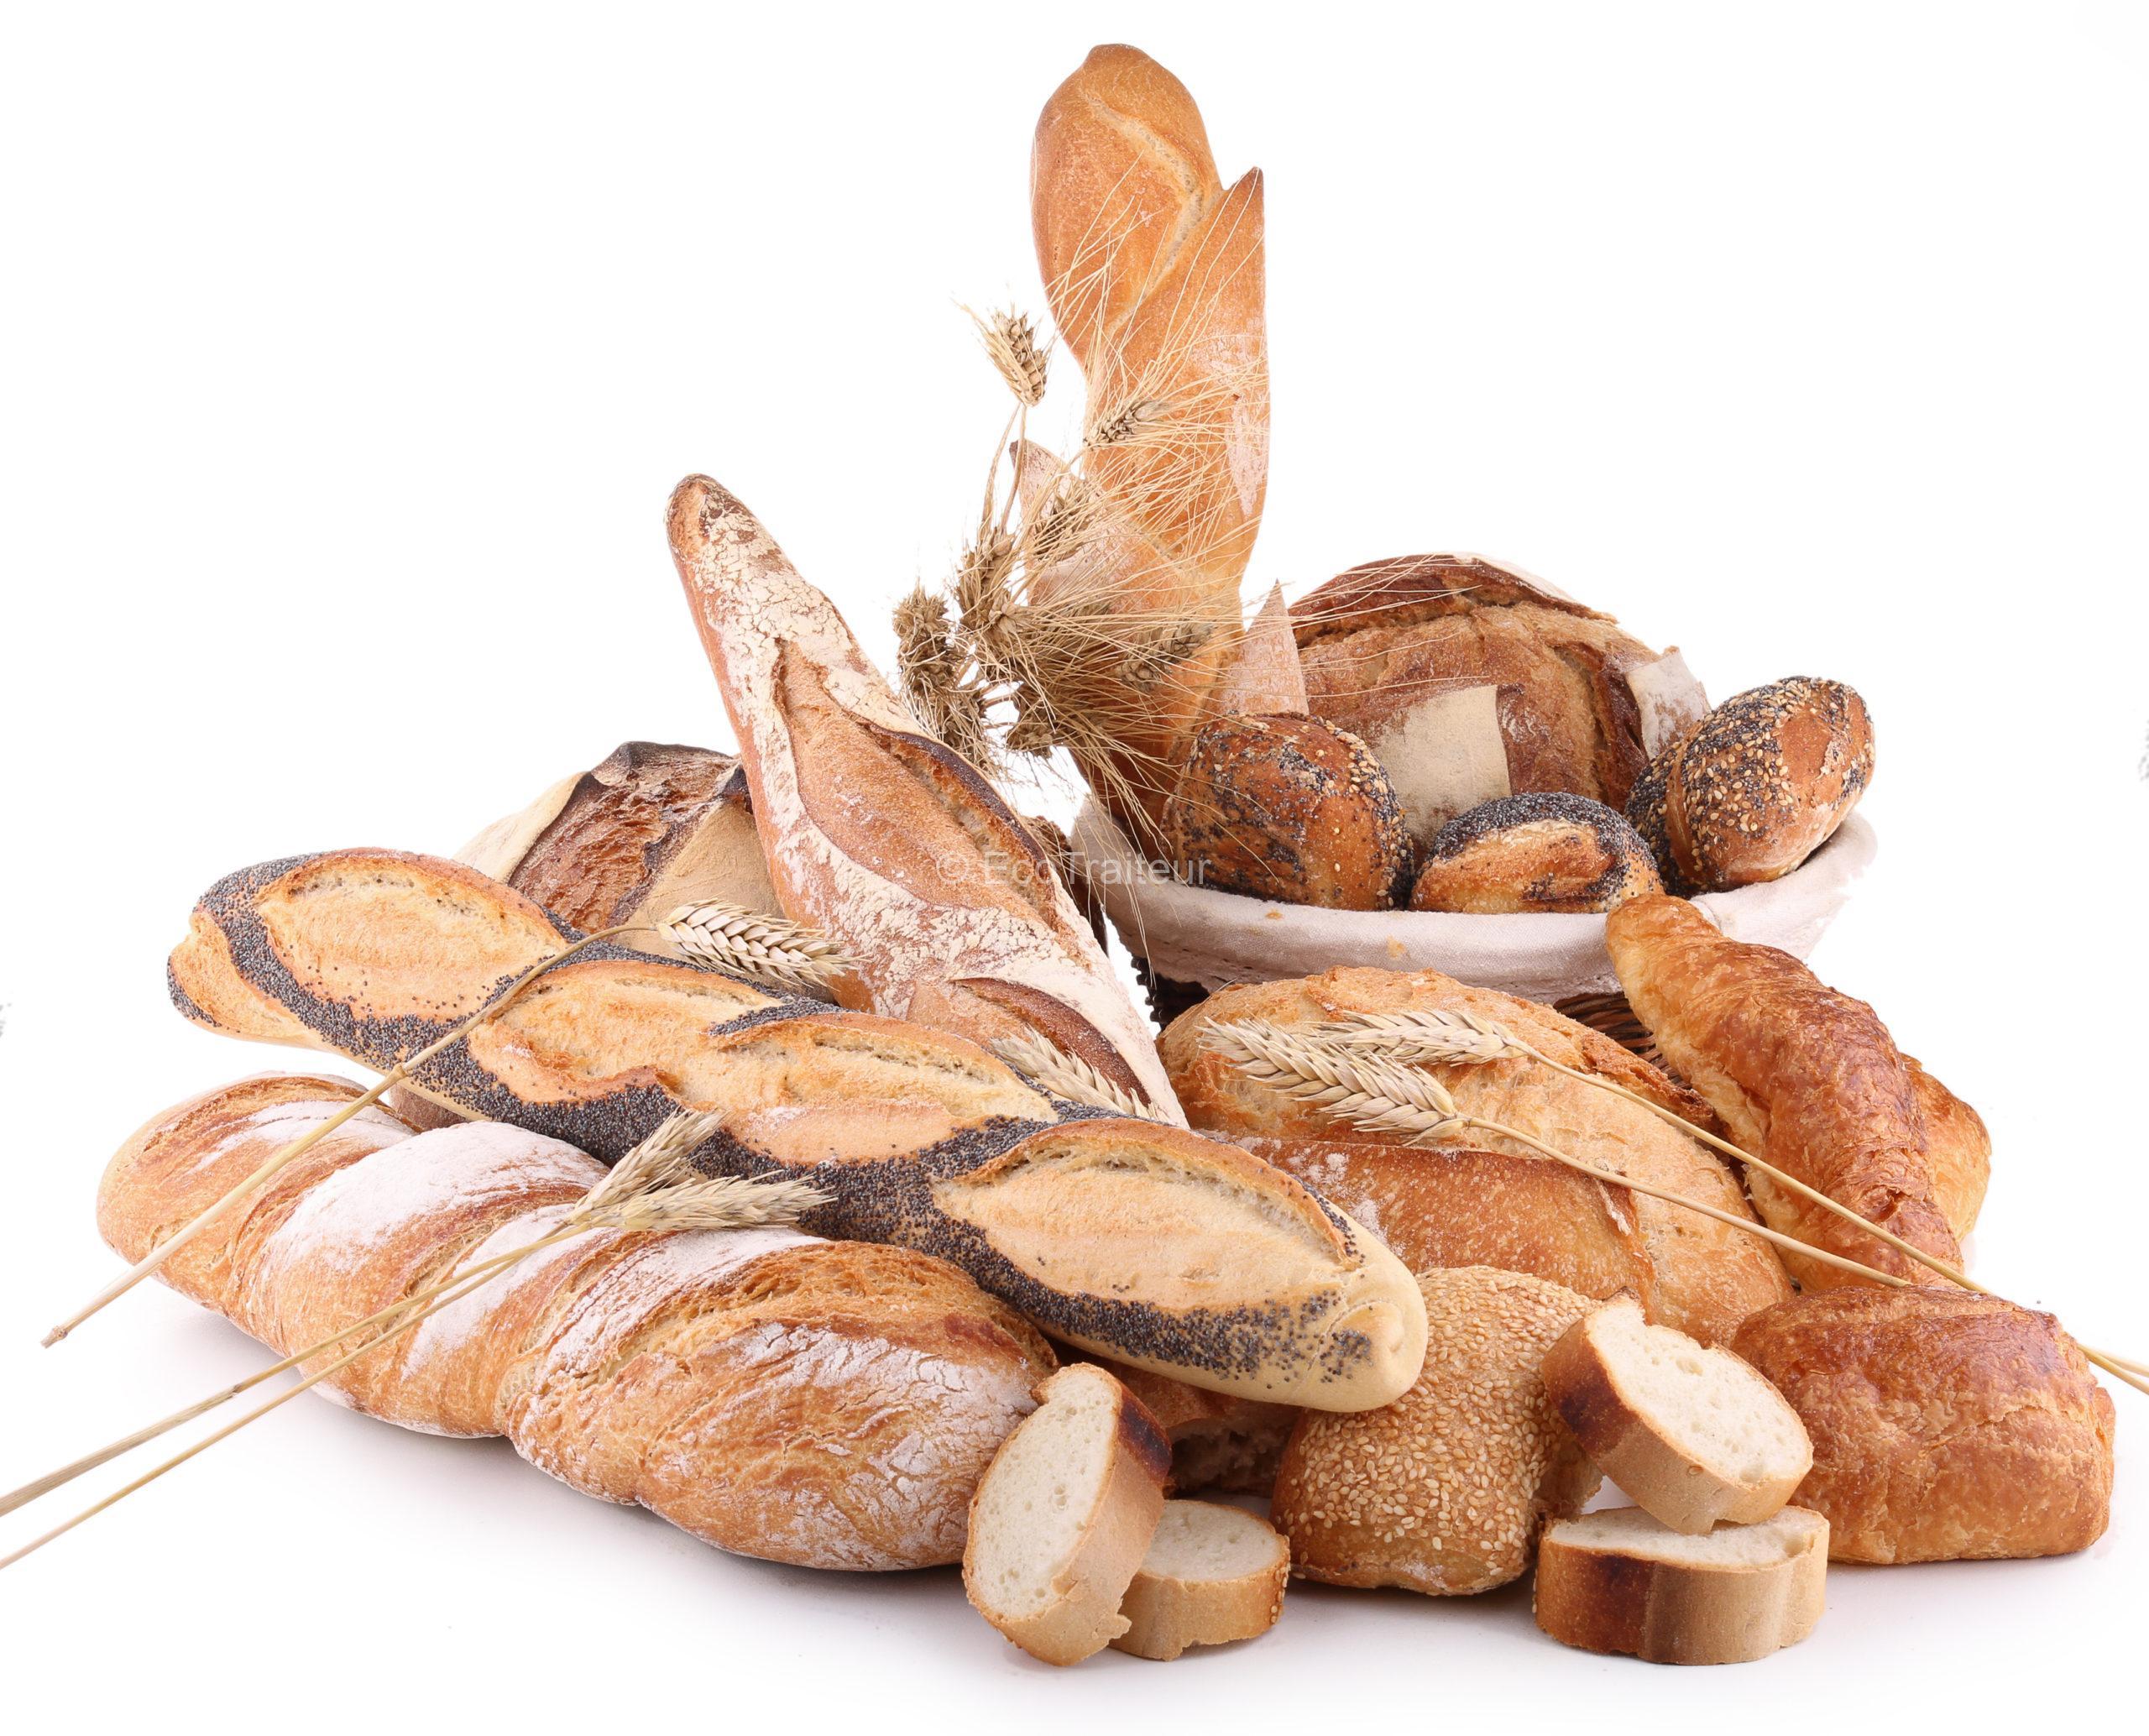 pain ecotraiteur le coin du boulanger boulangerie paris